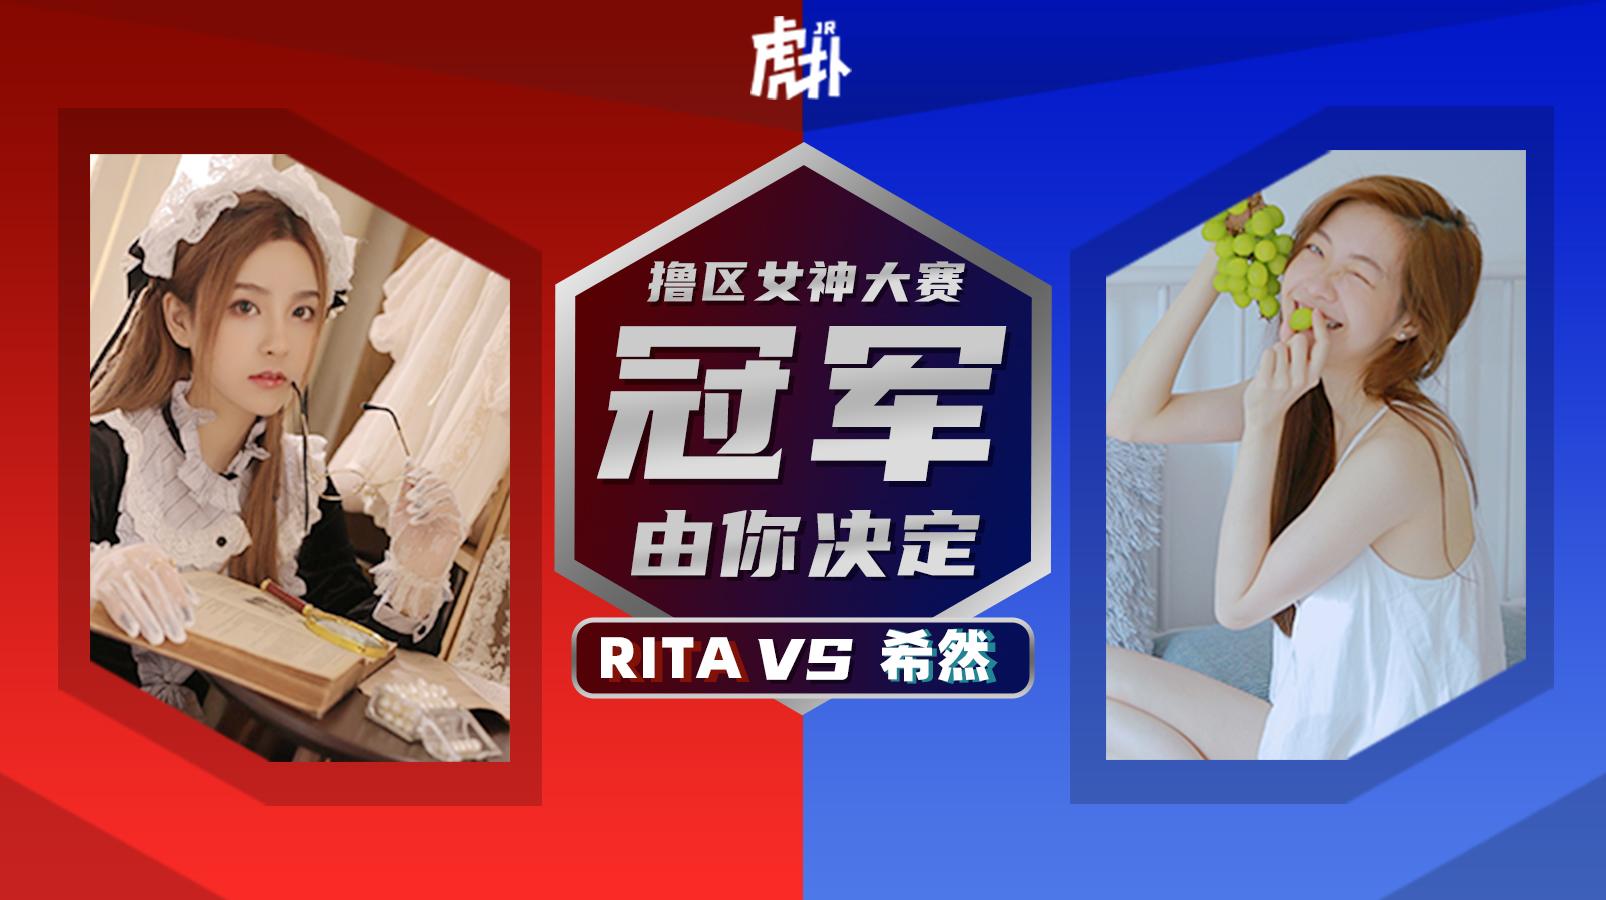 【第二届撸区女神大赛】总决赛:Rita vs 希然